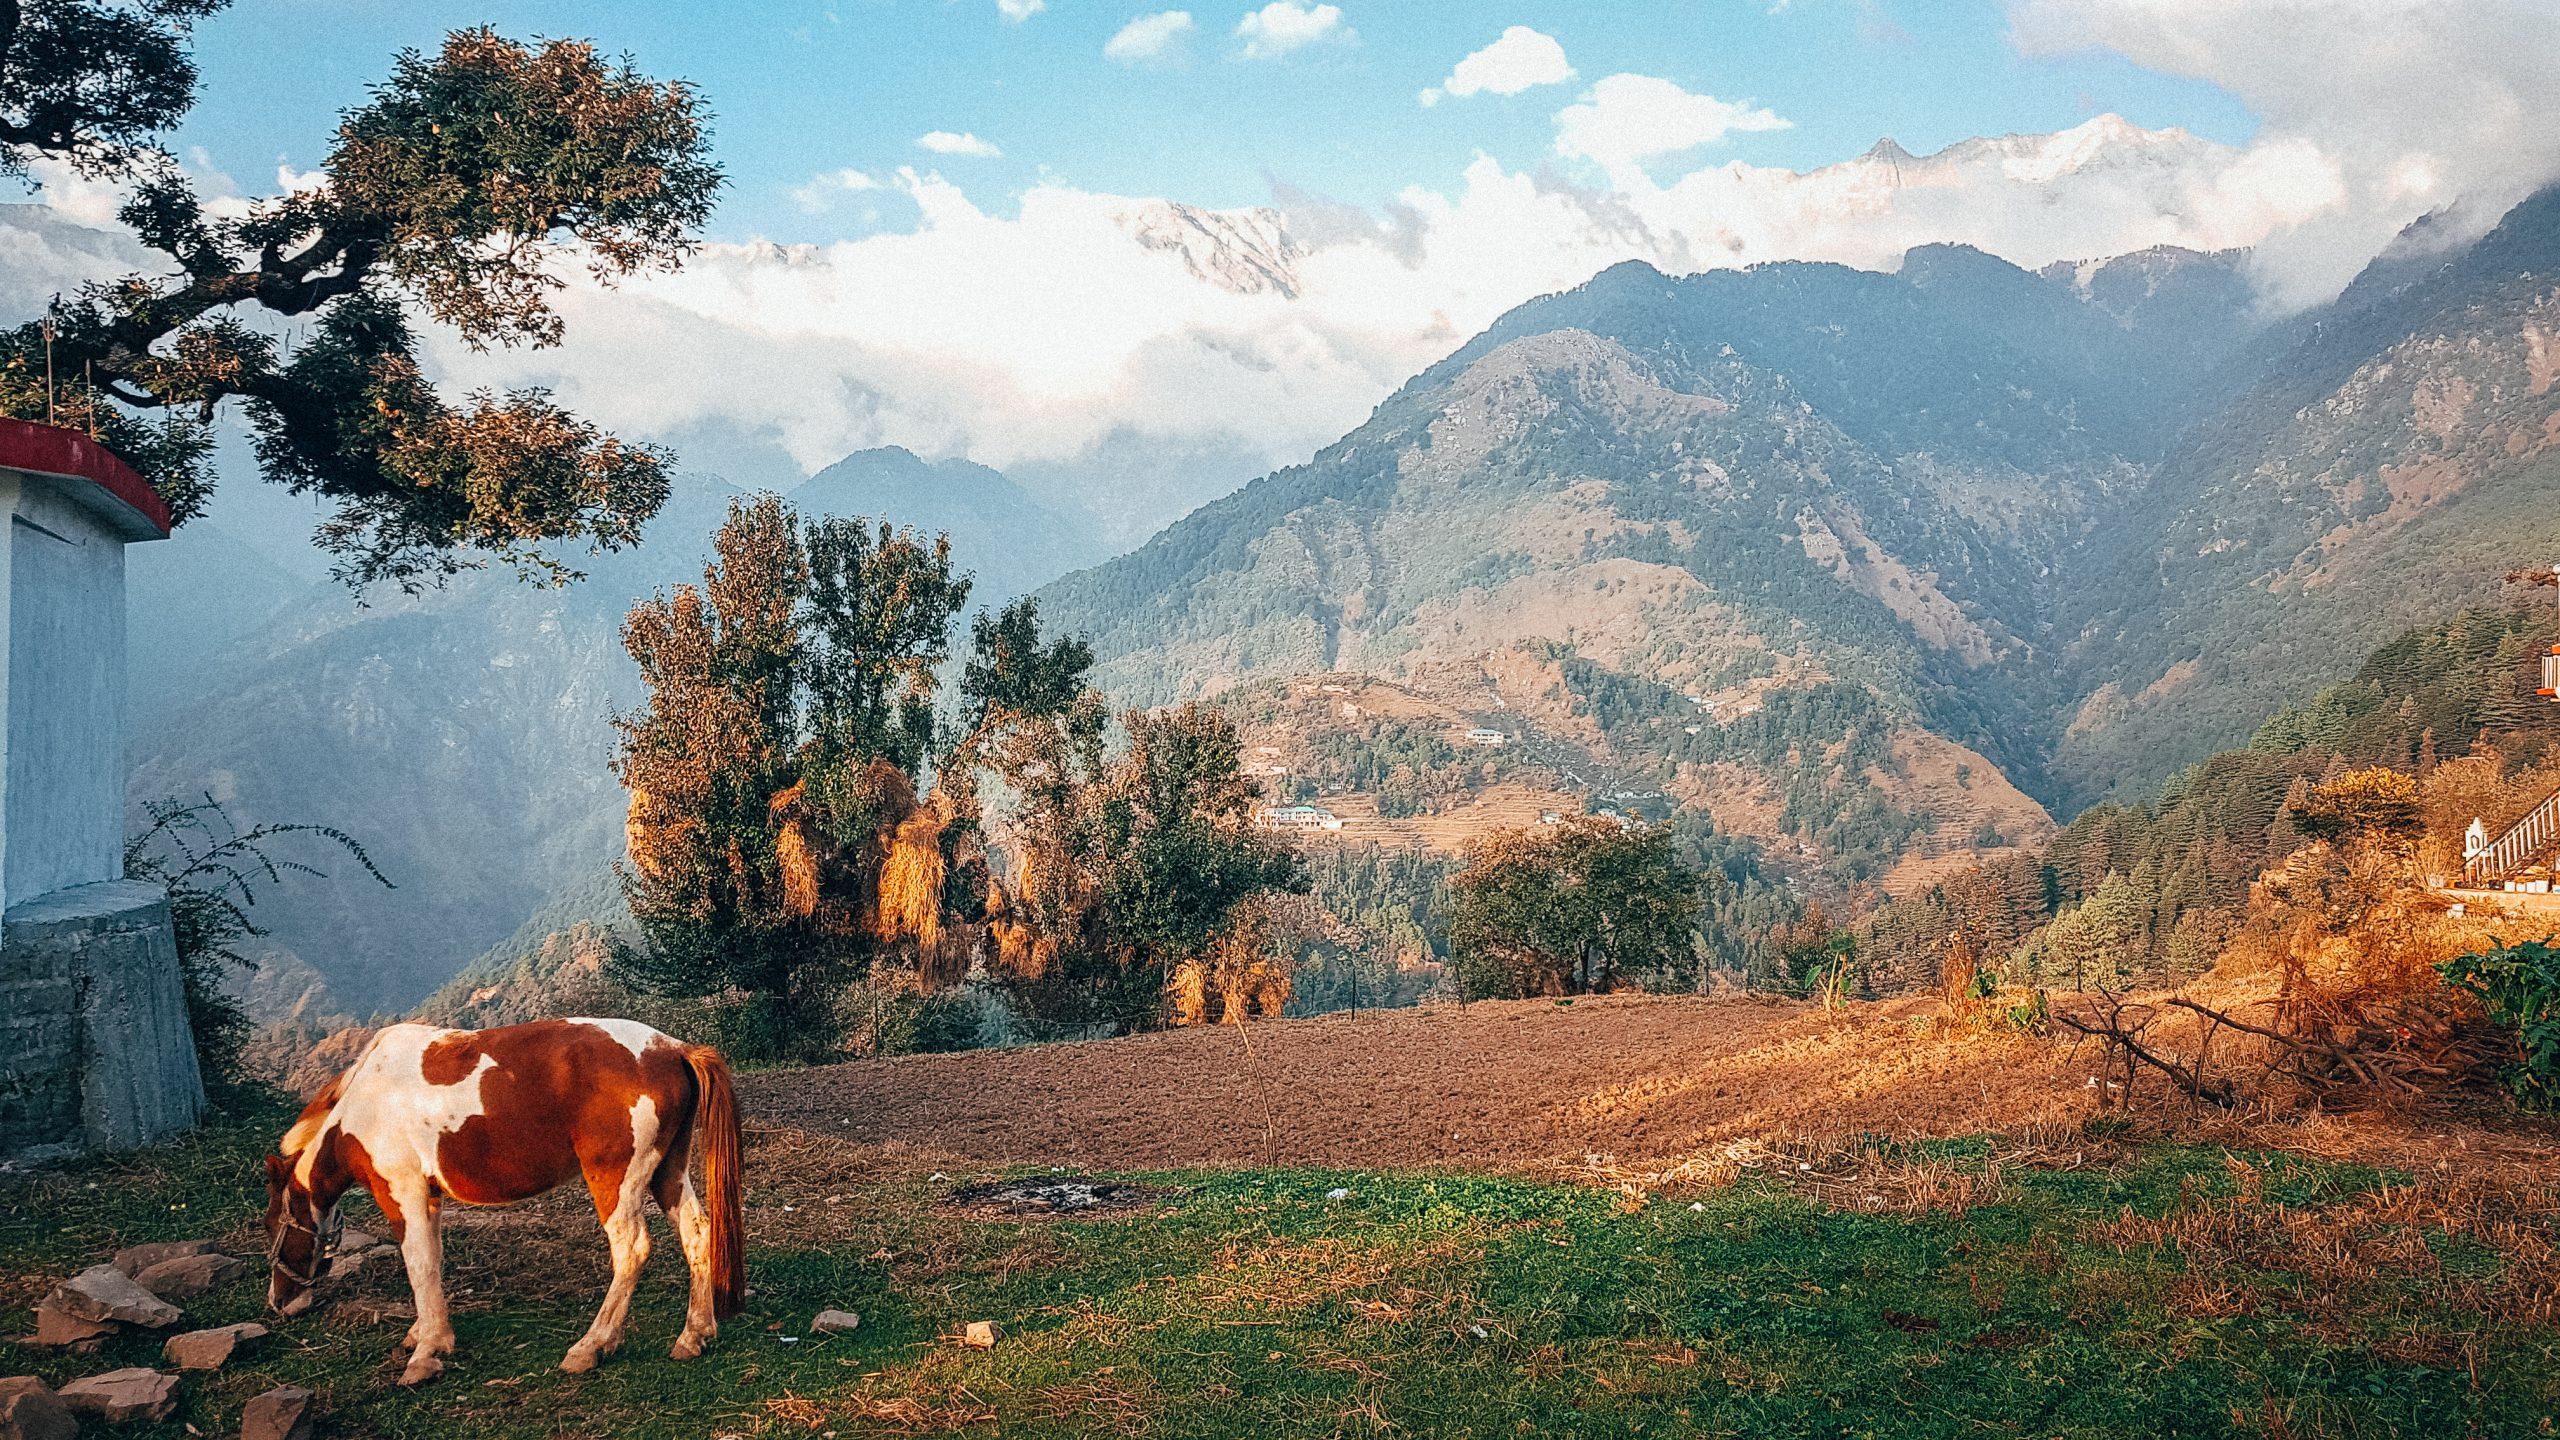 Indienreise-Naddi-Himalaya-Natur-Berge-Nordindien